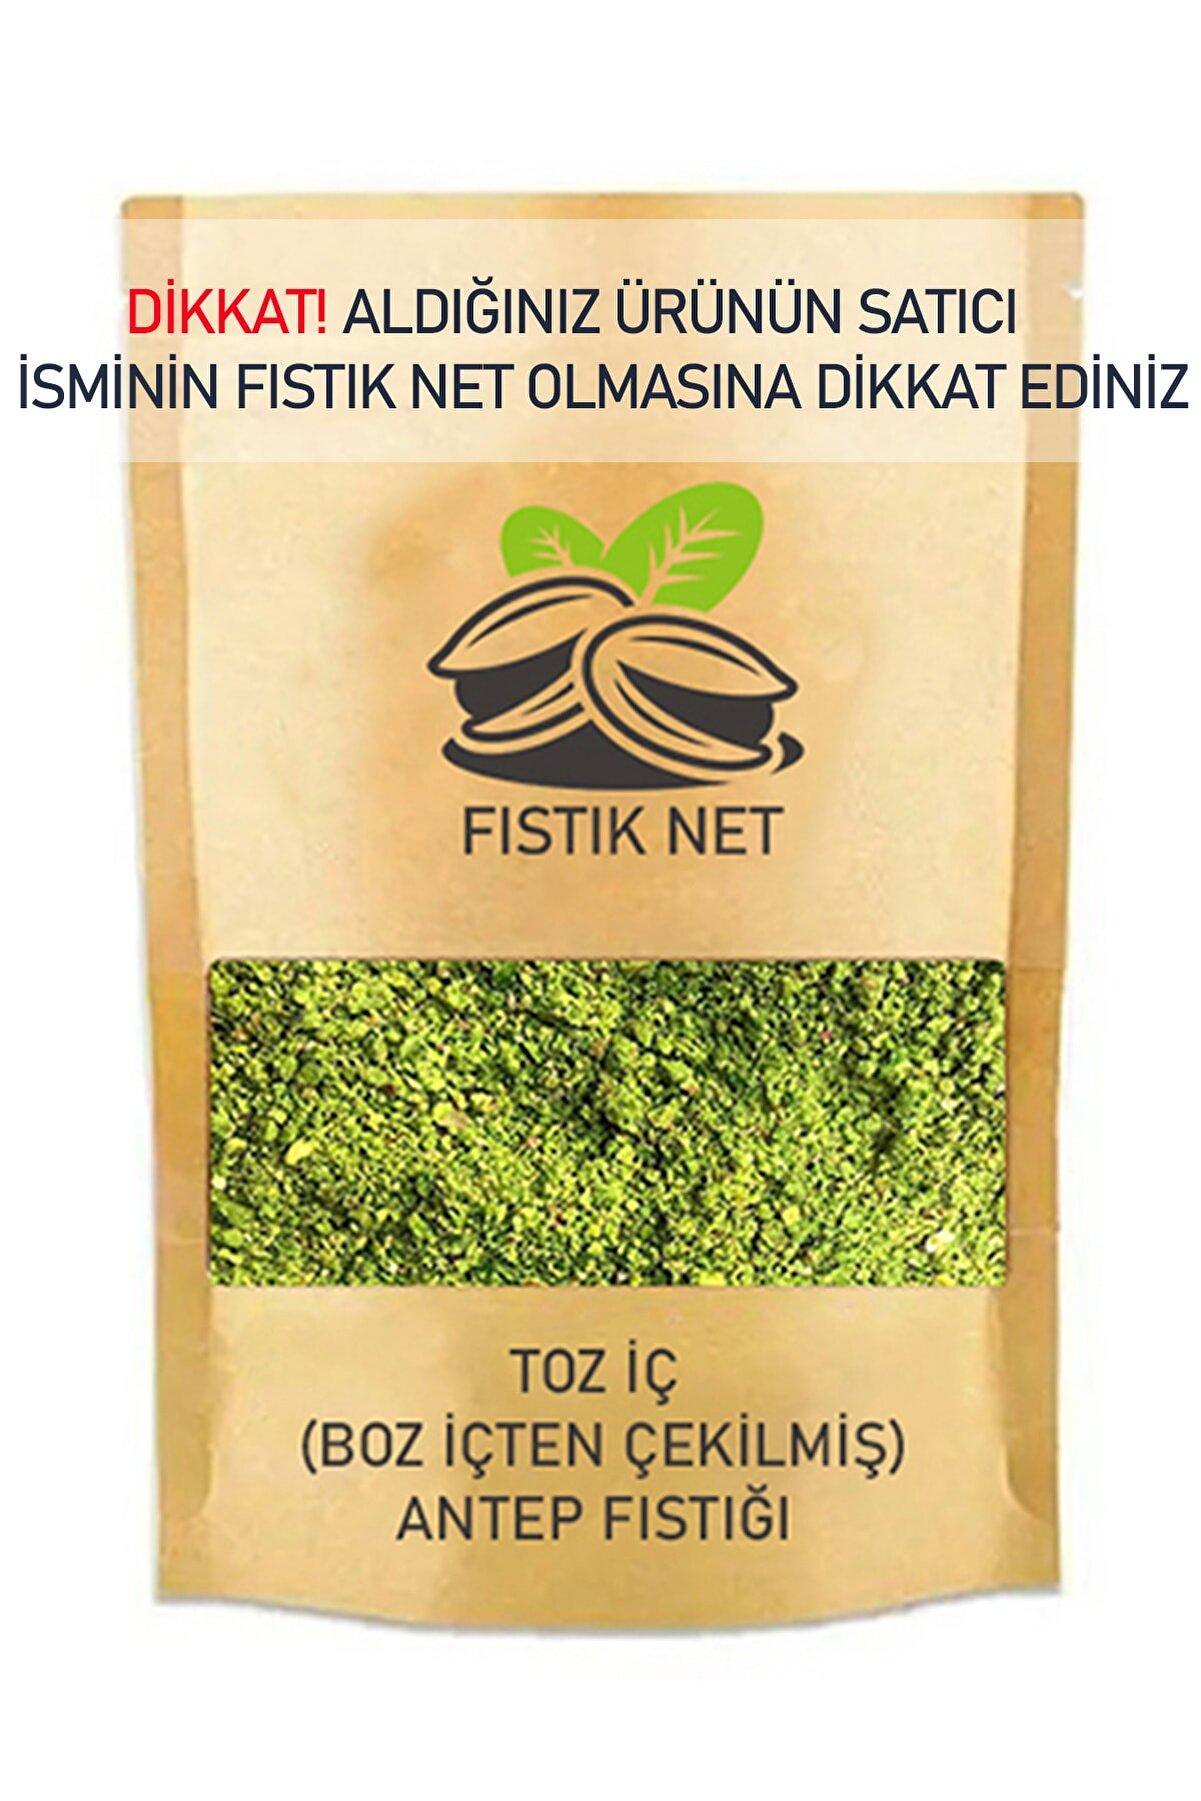 Fıstık Net Toz Iç (Boz Içten Çekilmiş) Antep Fıstığı 650 gr